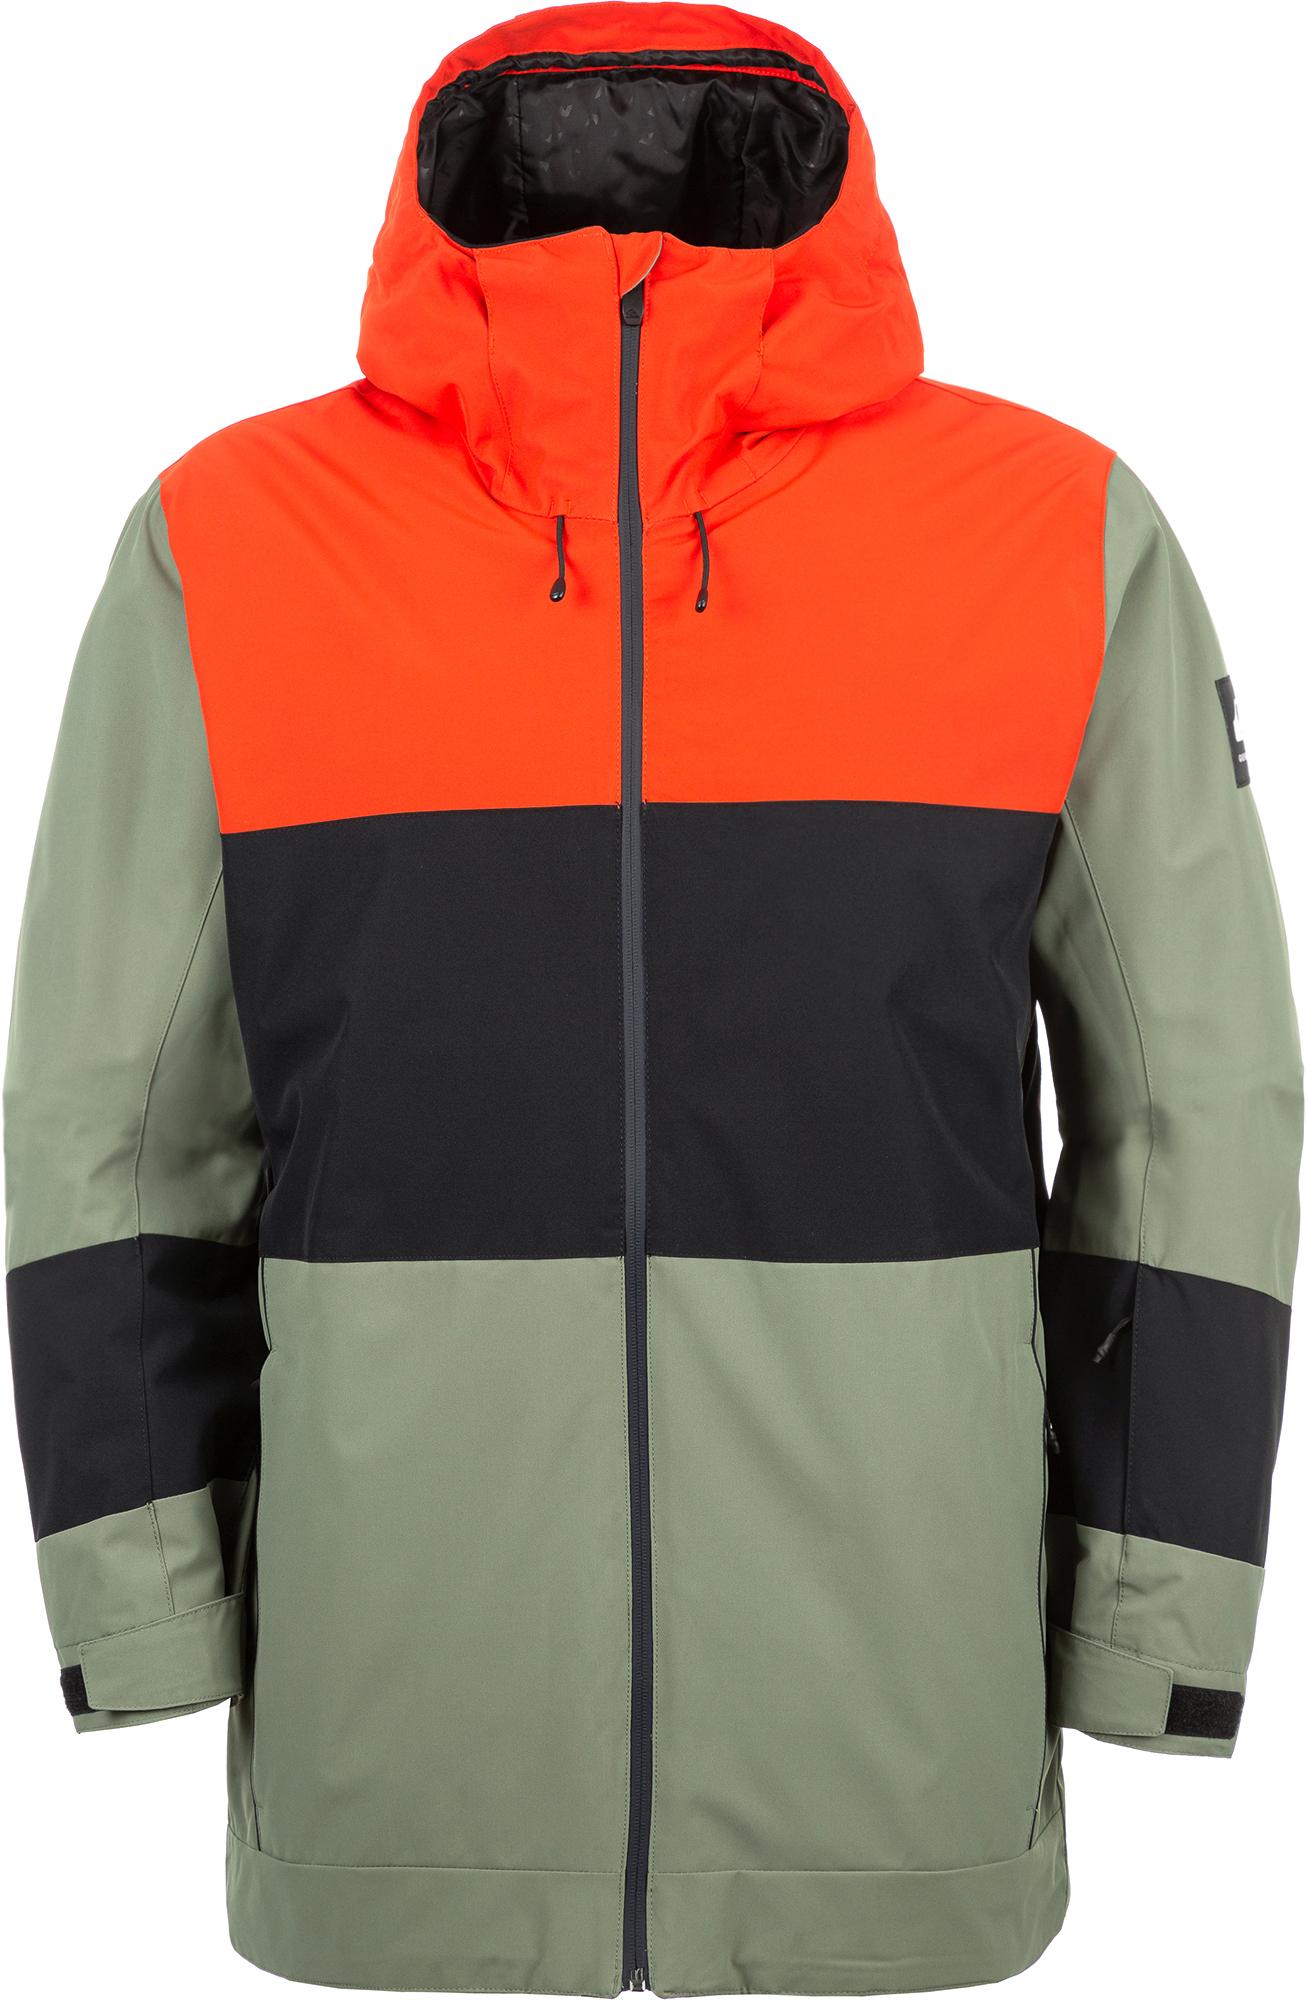 Quiksilver Куртка утепленная мужская Sycamore Jk, размер 52-54